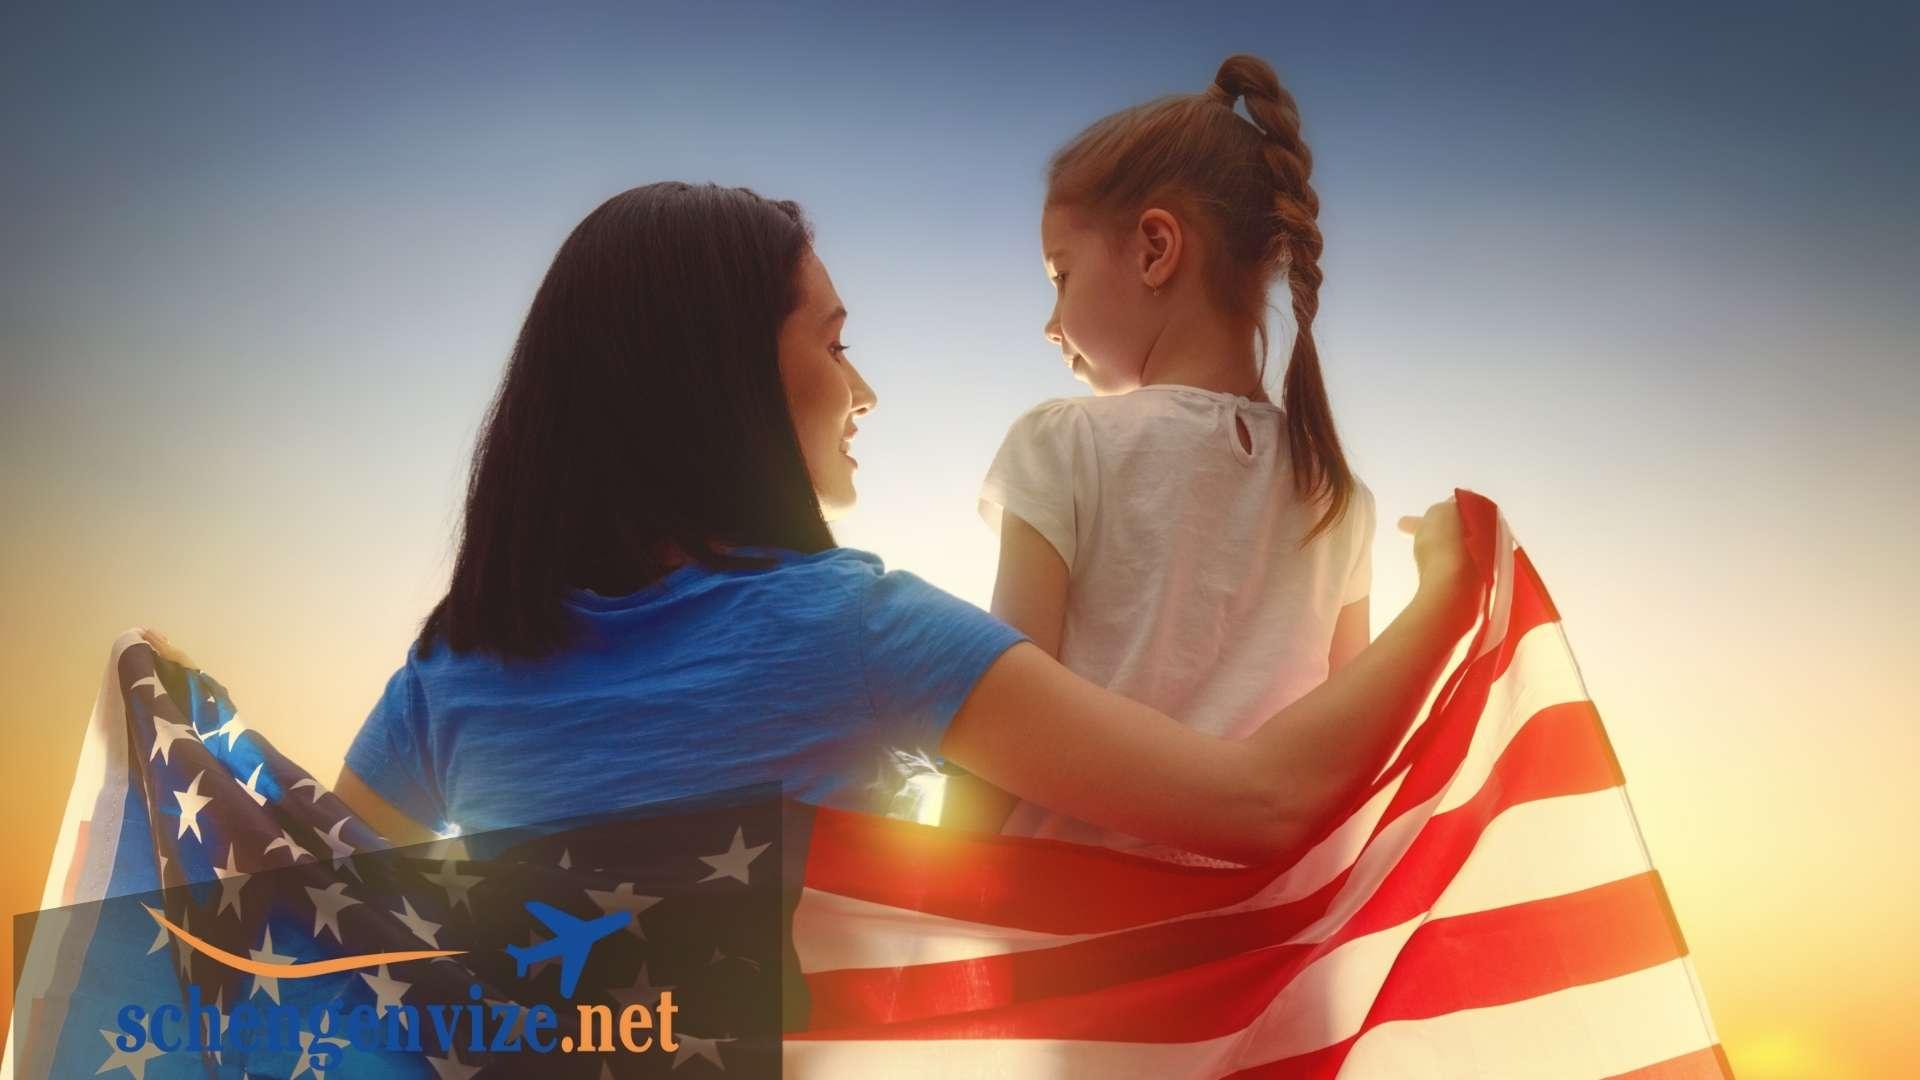 Amerika Aile ve Arkadaş Ziyareti Vizesi İçin Gerekli Evraklar